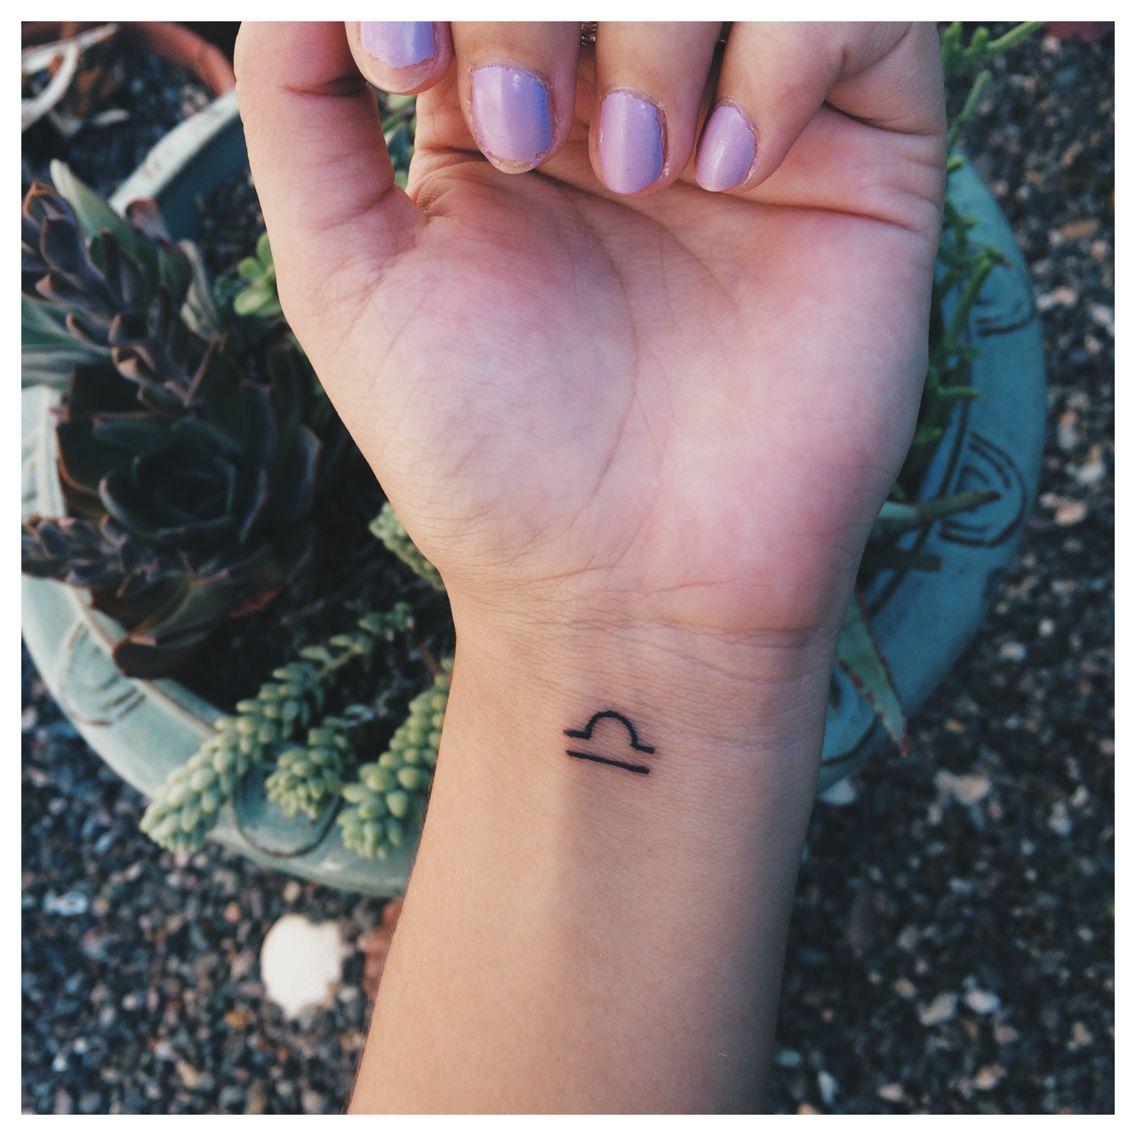 lovee my new libra tattoo! ♎ ♎ | tattoos | pinterest | libra